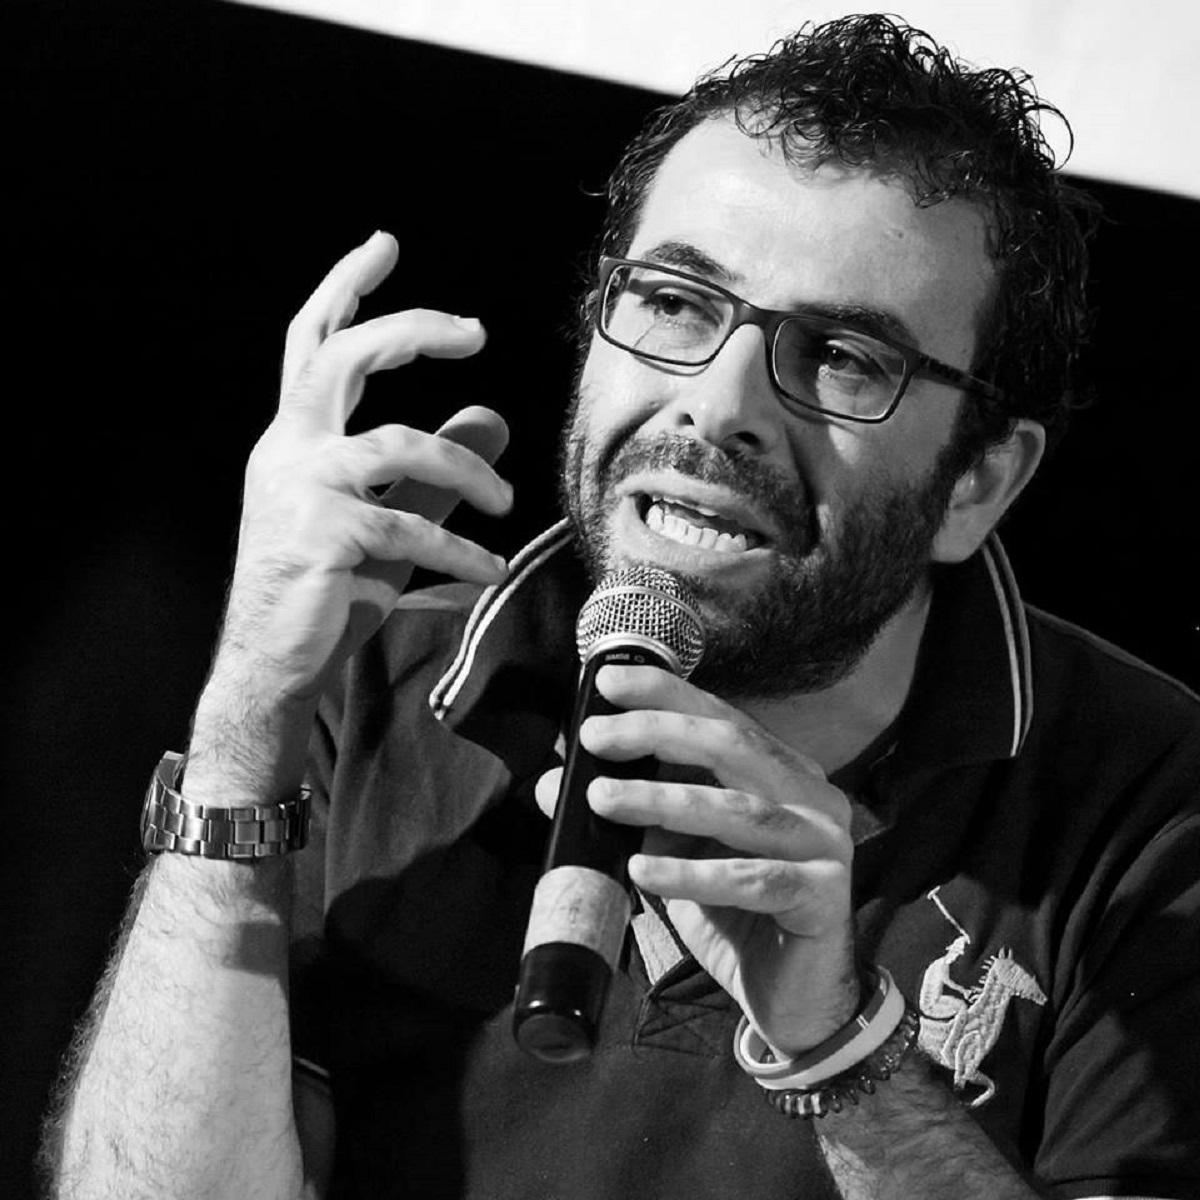 """""""Conviene essere liberi e abbandonare la mentalità criminale"""" Parla il giornalista e scrittore Paolo De Chiara, autore di numerosi libri d'inchiesta contro le mafie"""